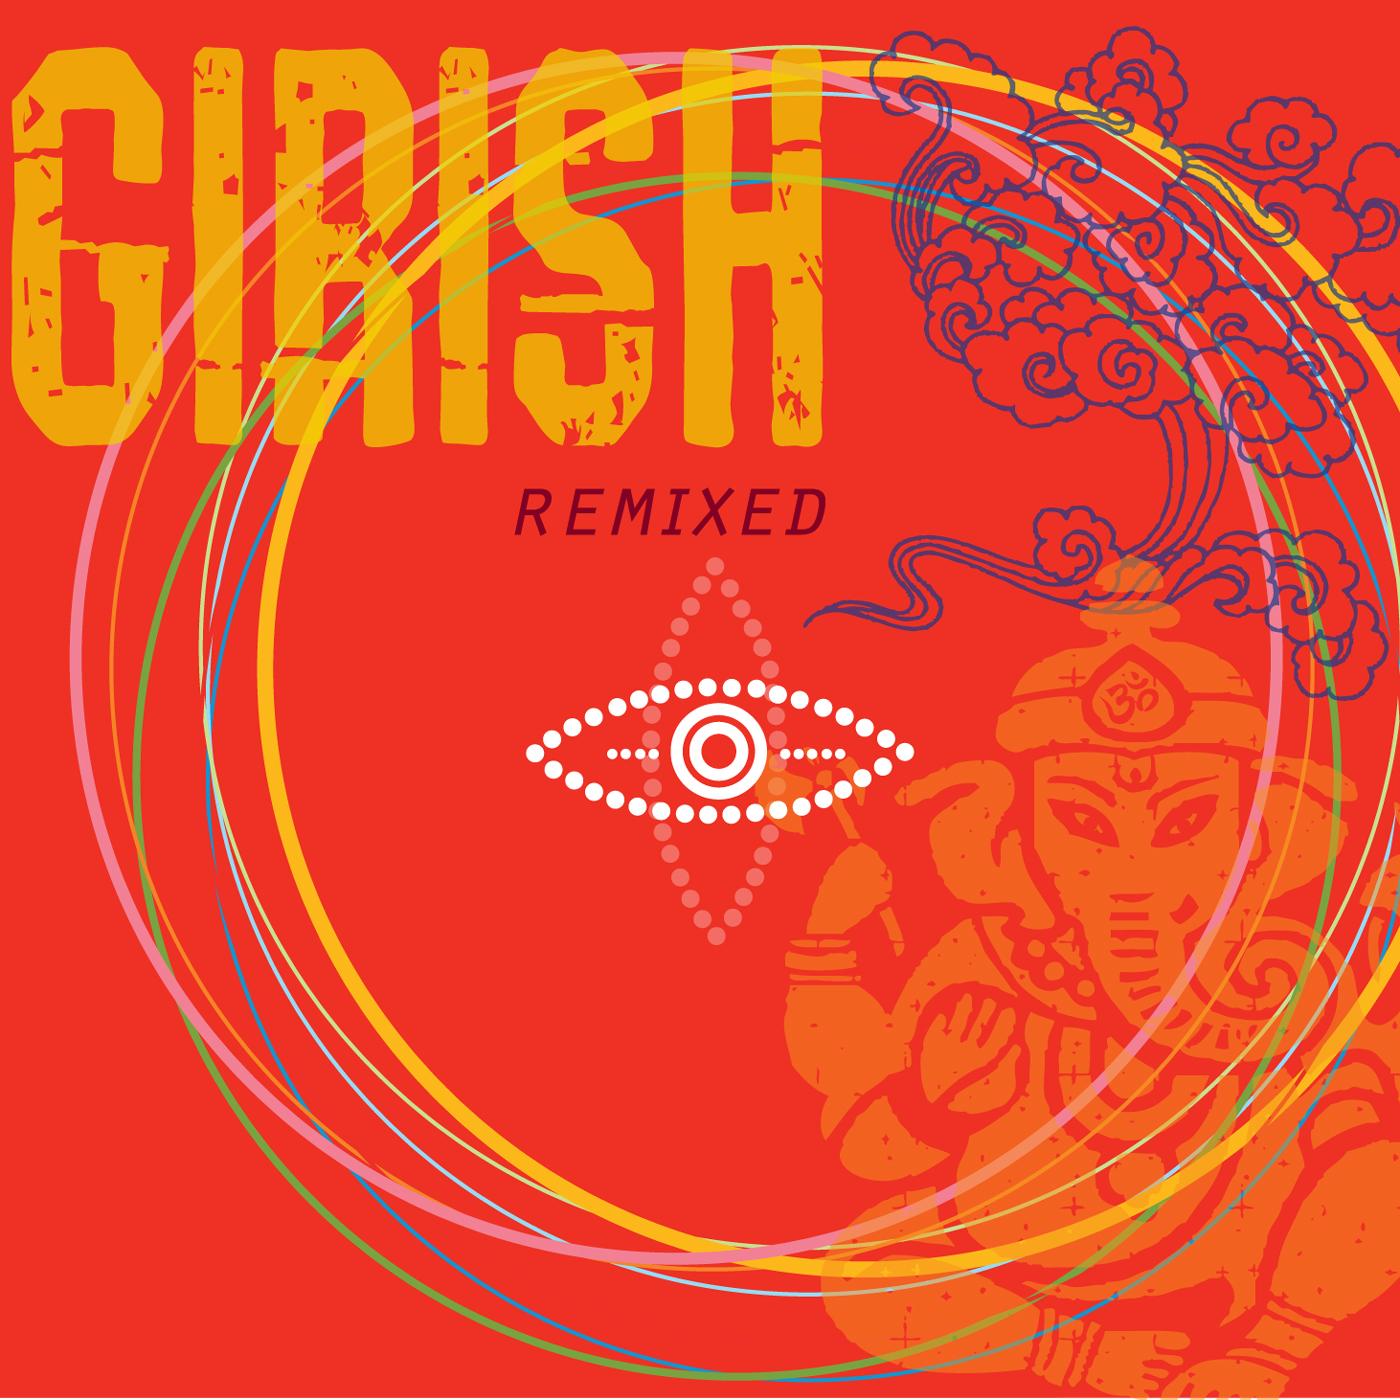 Girish: REMIXED